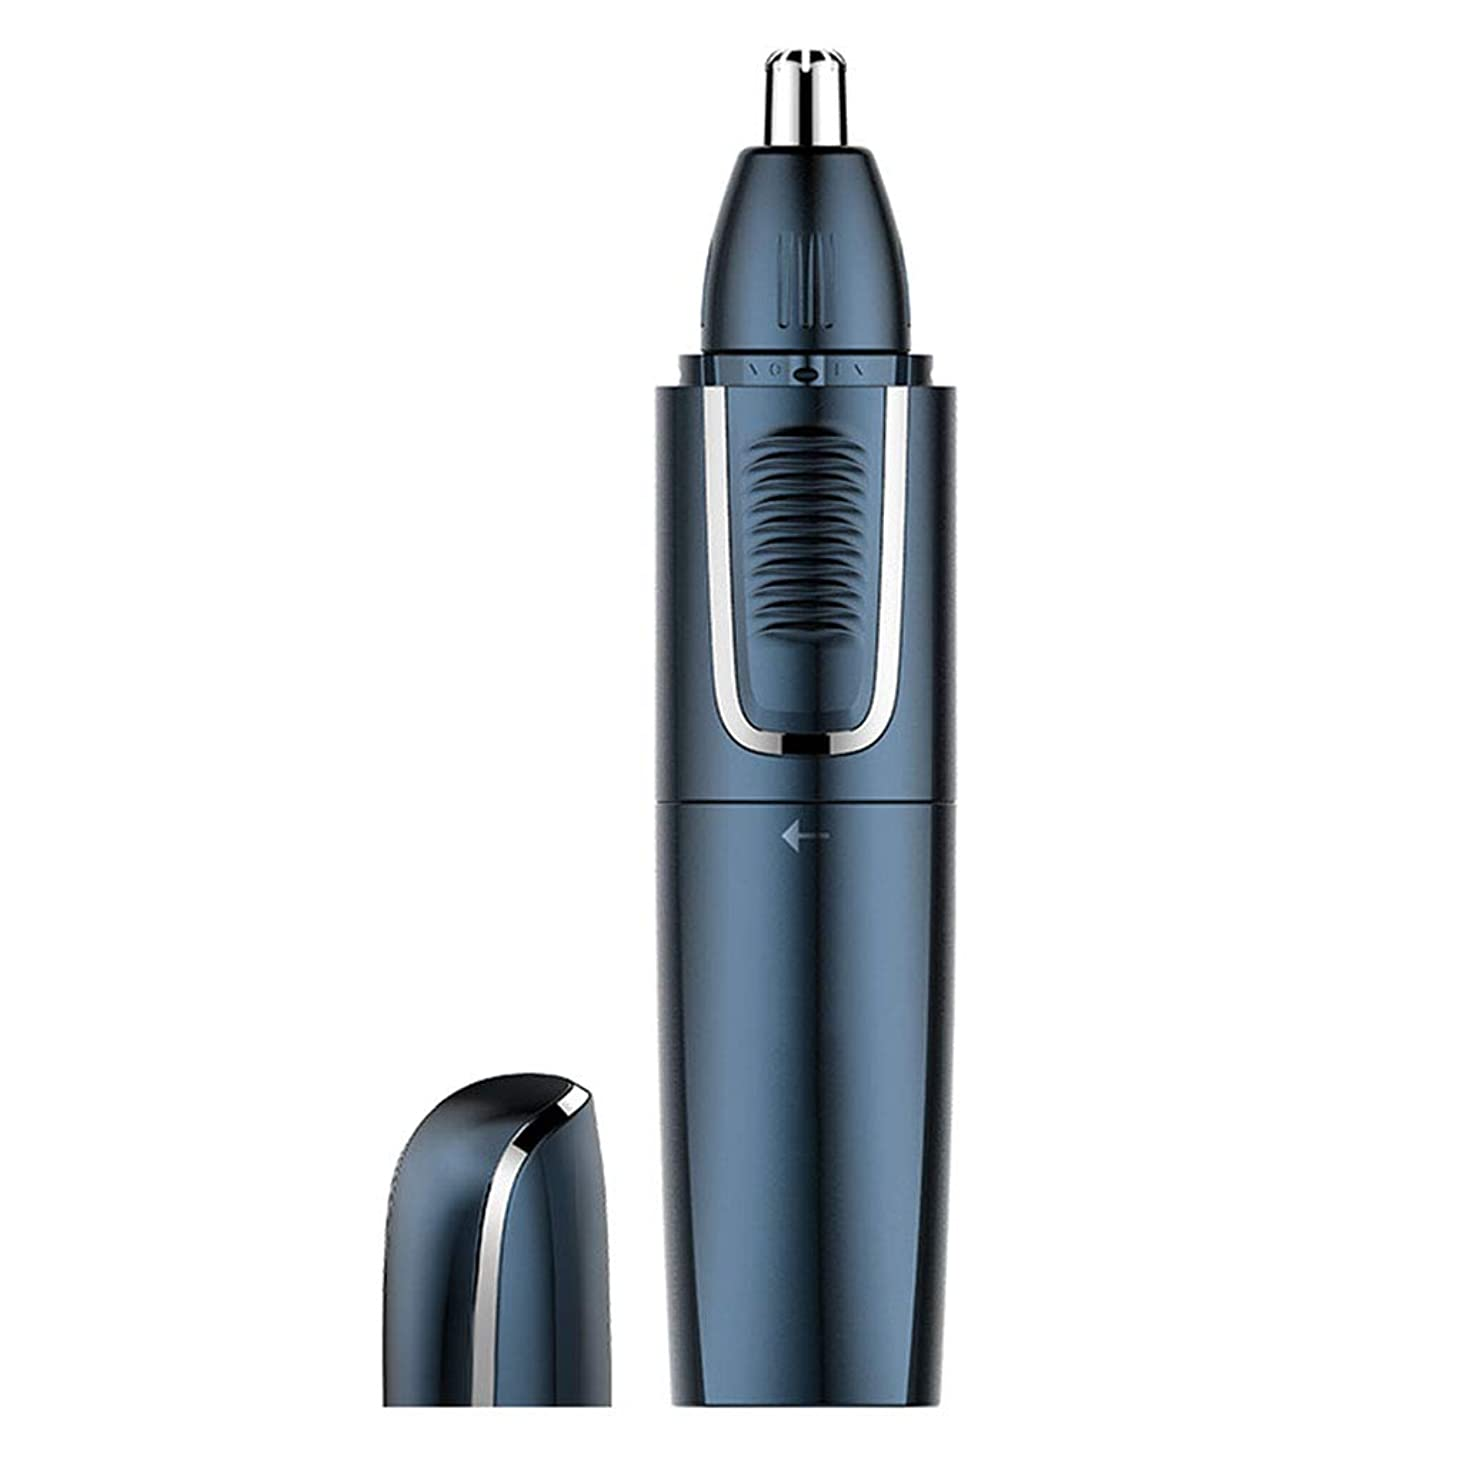 取り戻す設置色合いノーズヘアトリマー、スリーインワントリマー、USB充電式防水ネットトリムヘッドアンチクリップは鼻腔を傷つけません、男性と女性用